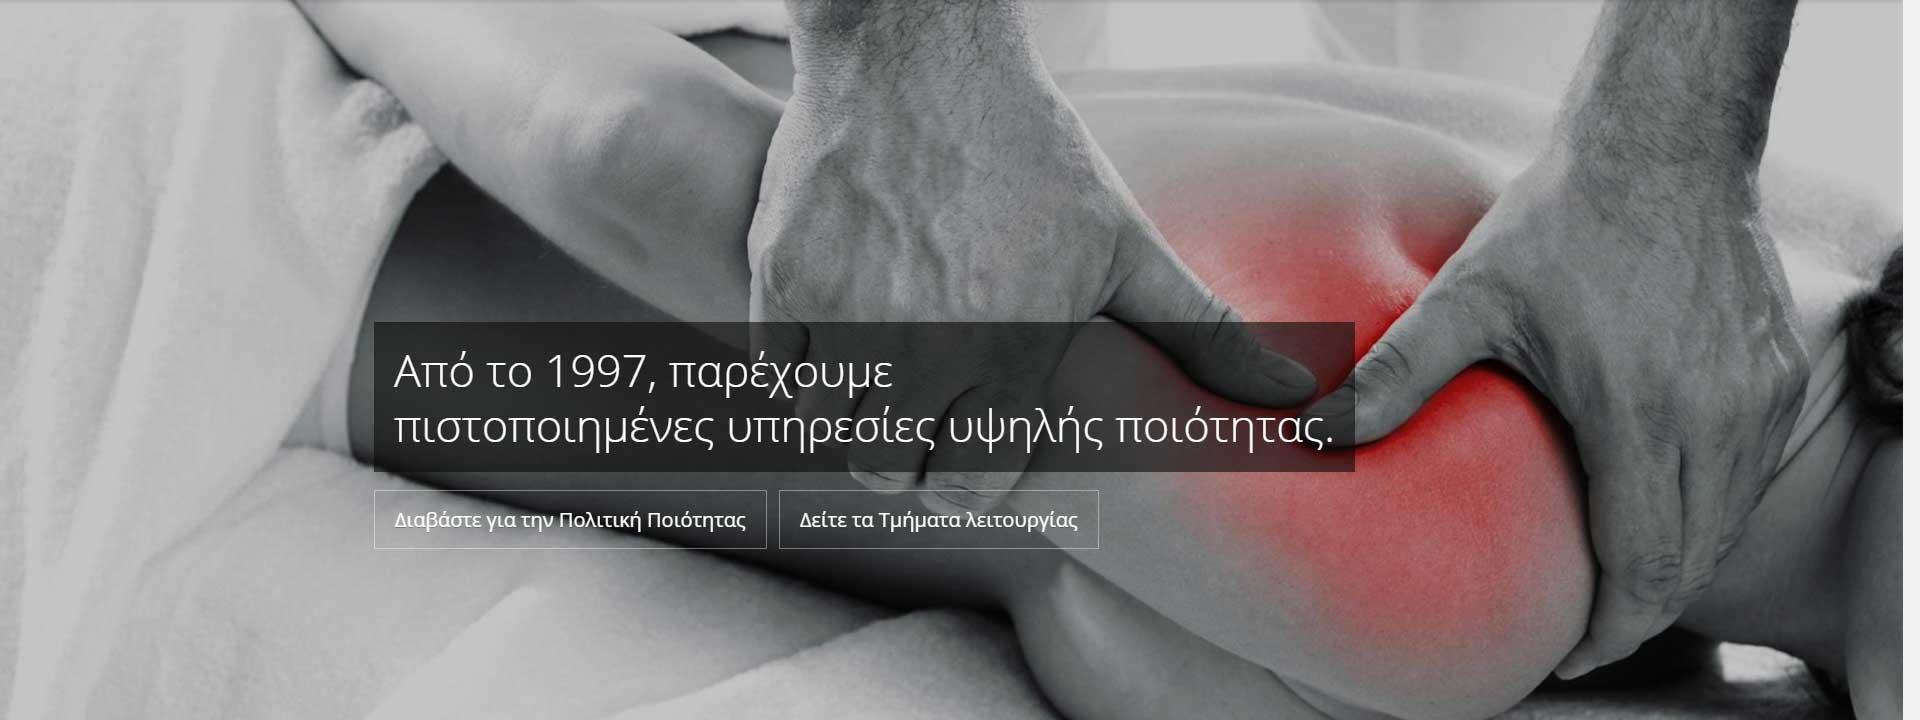 Φυσικοθεραπεία, Υδροθεραπεία, Σωματομέτρηση, Πεδορθωτική, Κατ' οίκον Φυσιοκοθεραπεία /